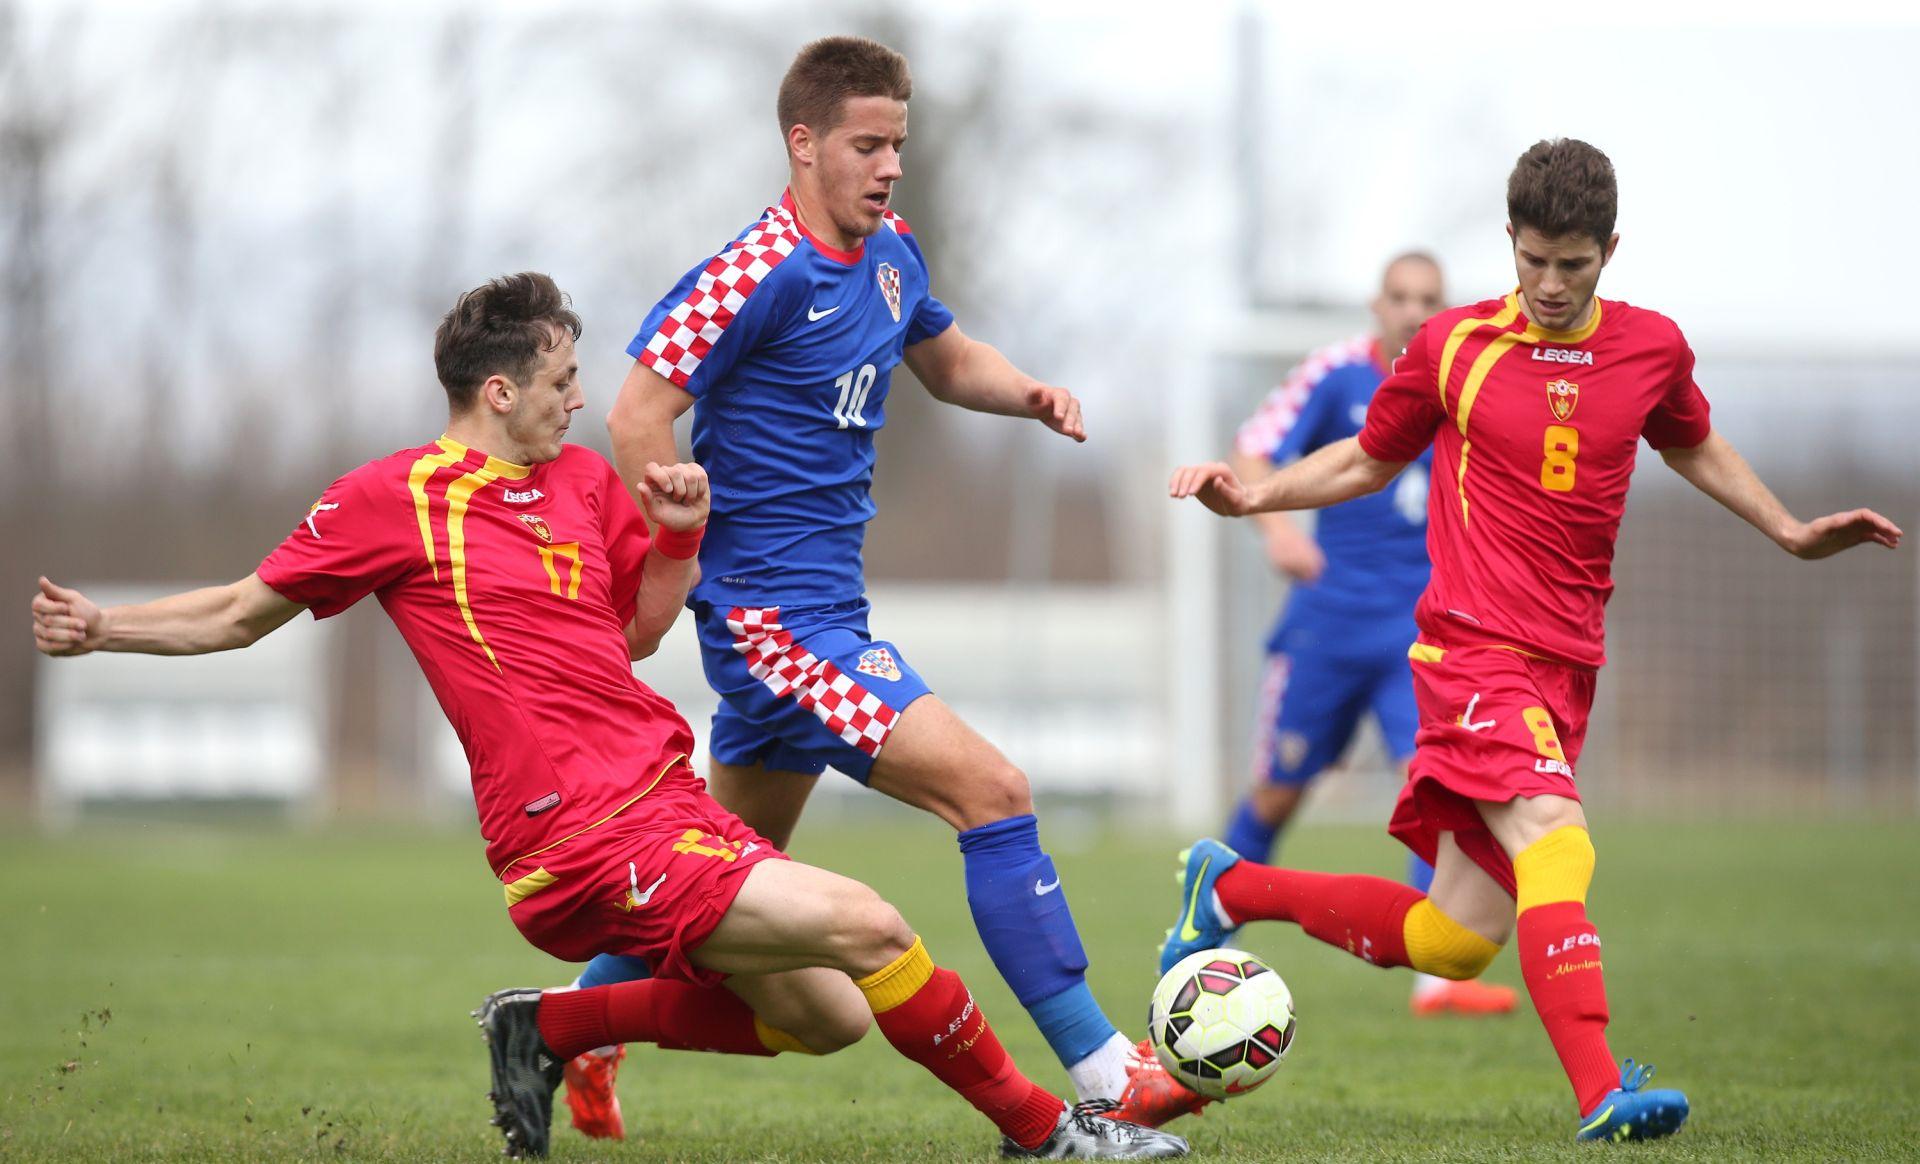 U21 Maksimalan učinak nakon tri utakmice, Hrvatska slavila u San Marinu golovima Marića i Pašalića